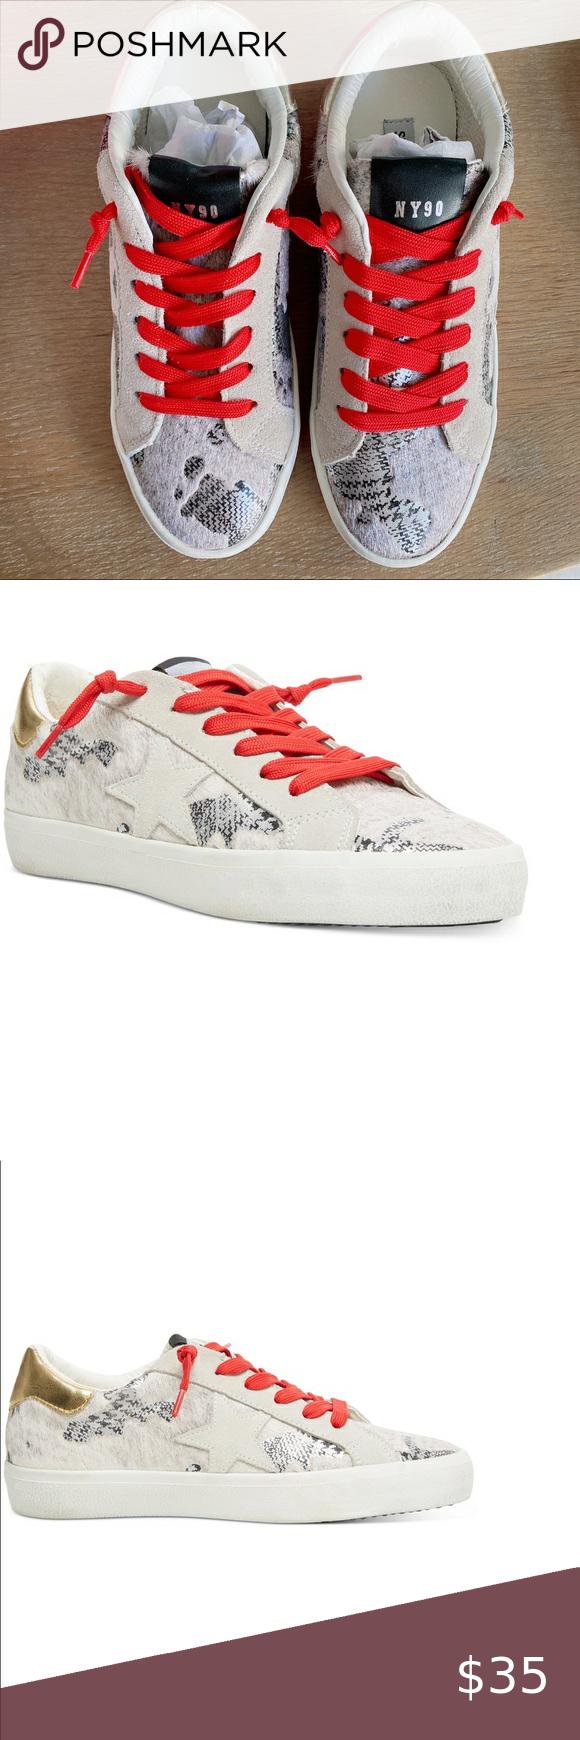 Sold Nib Steve Madden Philosophy Sneakers 7 Steve Madden Shoes Sneakers Lace Sneakers Sneakers